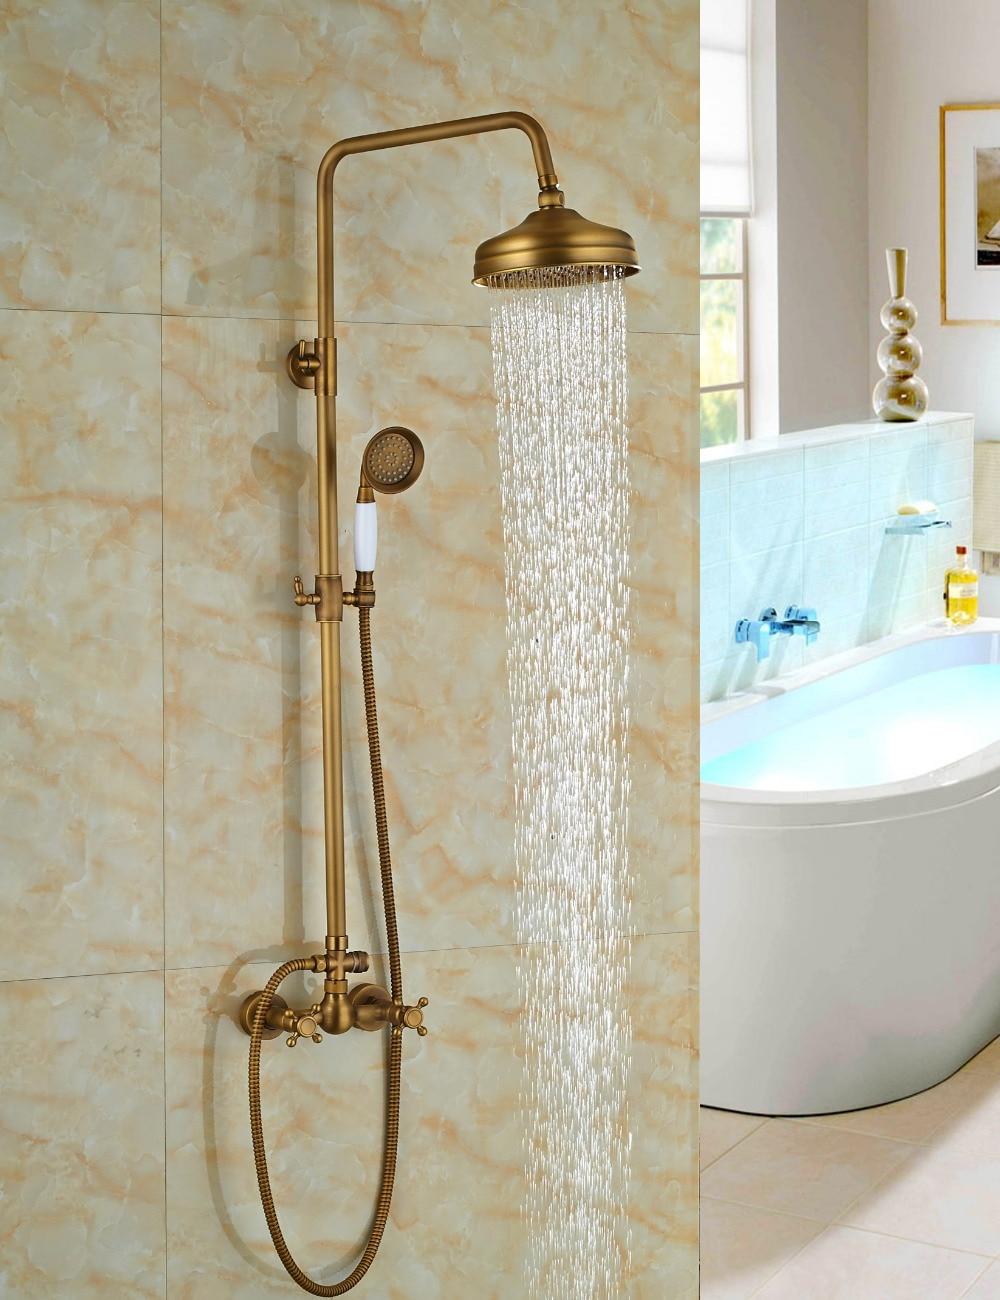 Wholesale And Retail Promotion Luxury Antique Brass Rain Shower Head Faucet Valve Mixer Tap W Hand Shower Sprayer 2 Handle In Shower Faucets From